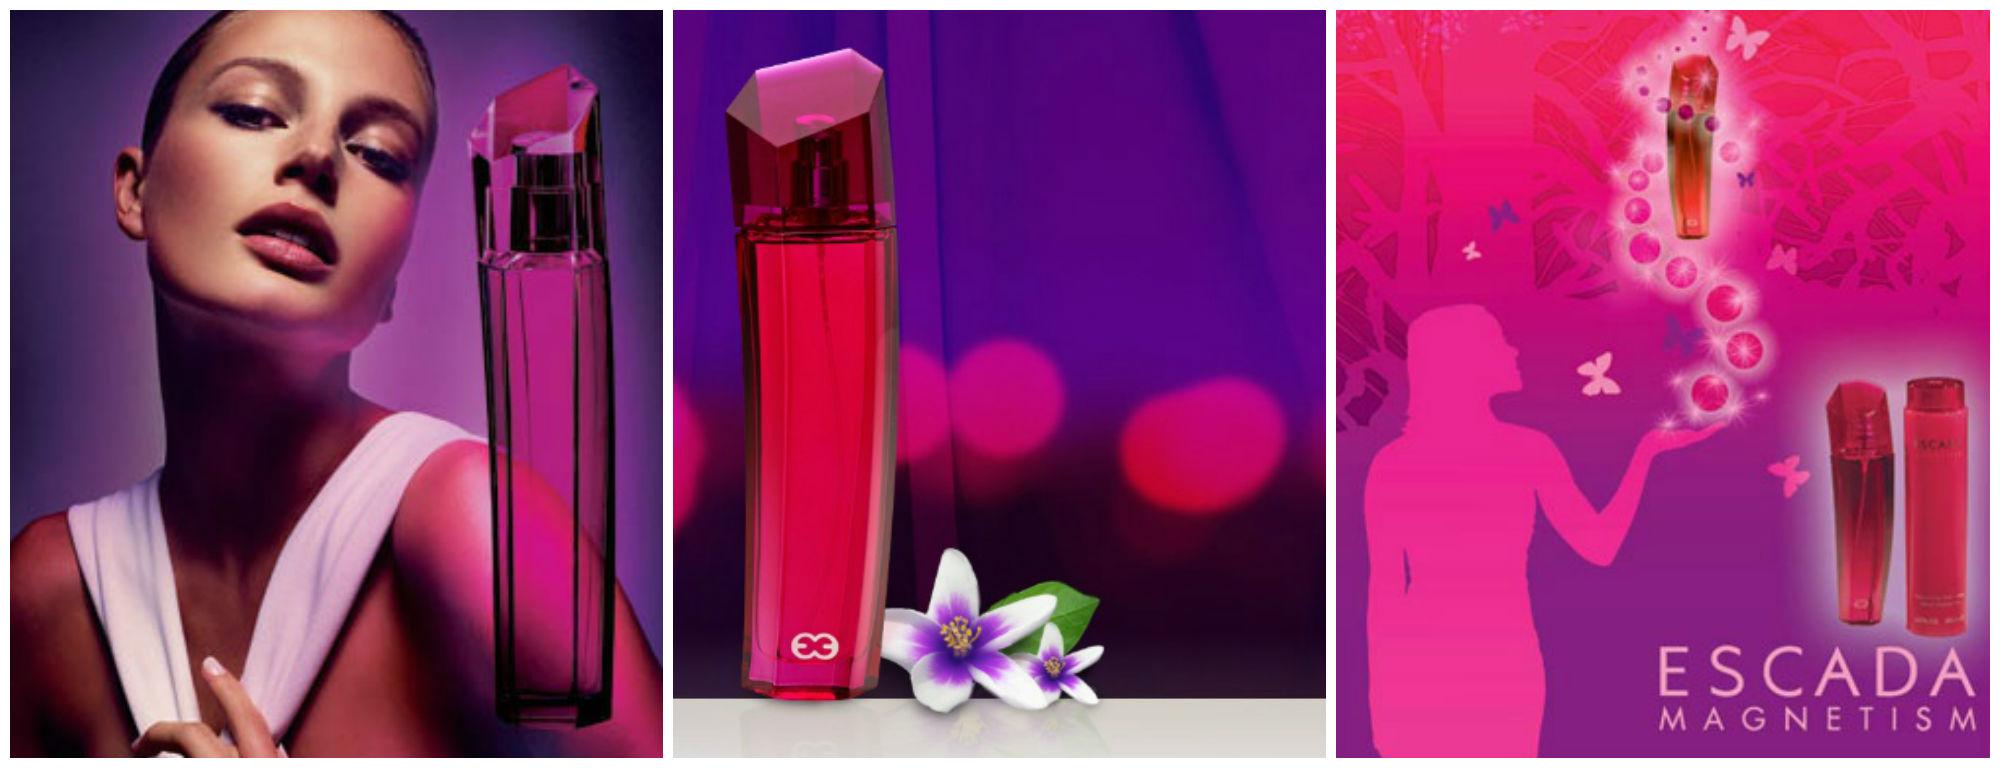 Escada Magnetism Perfume Review